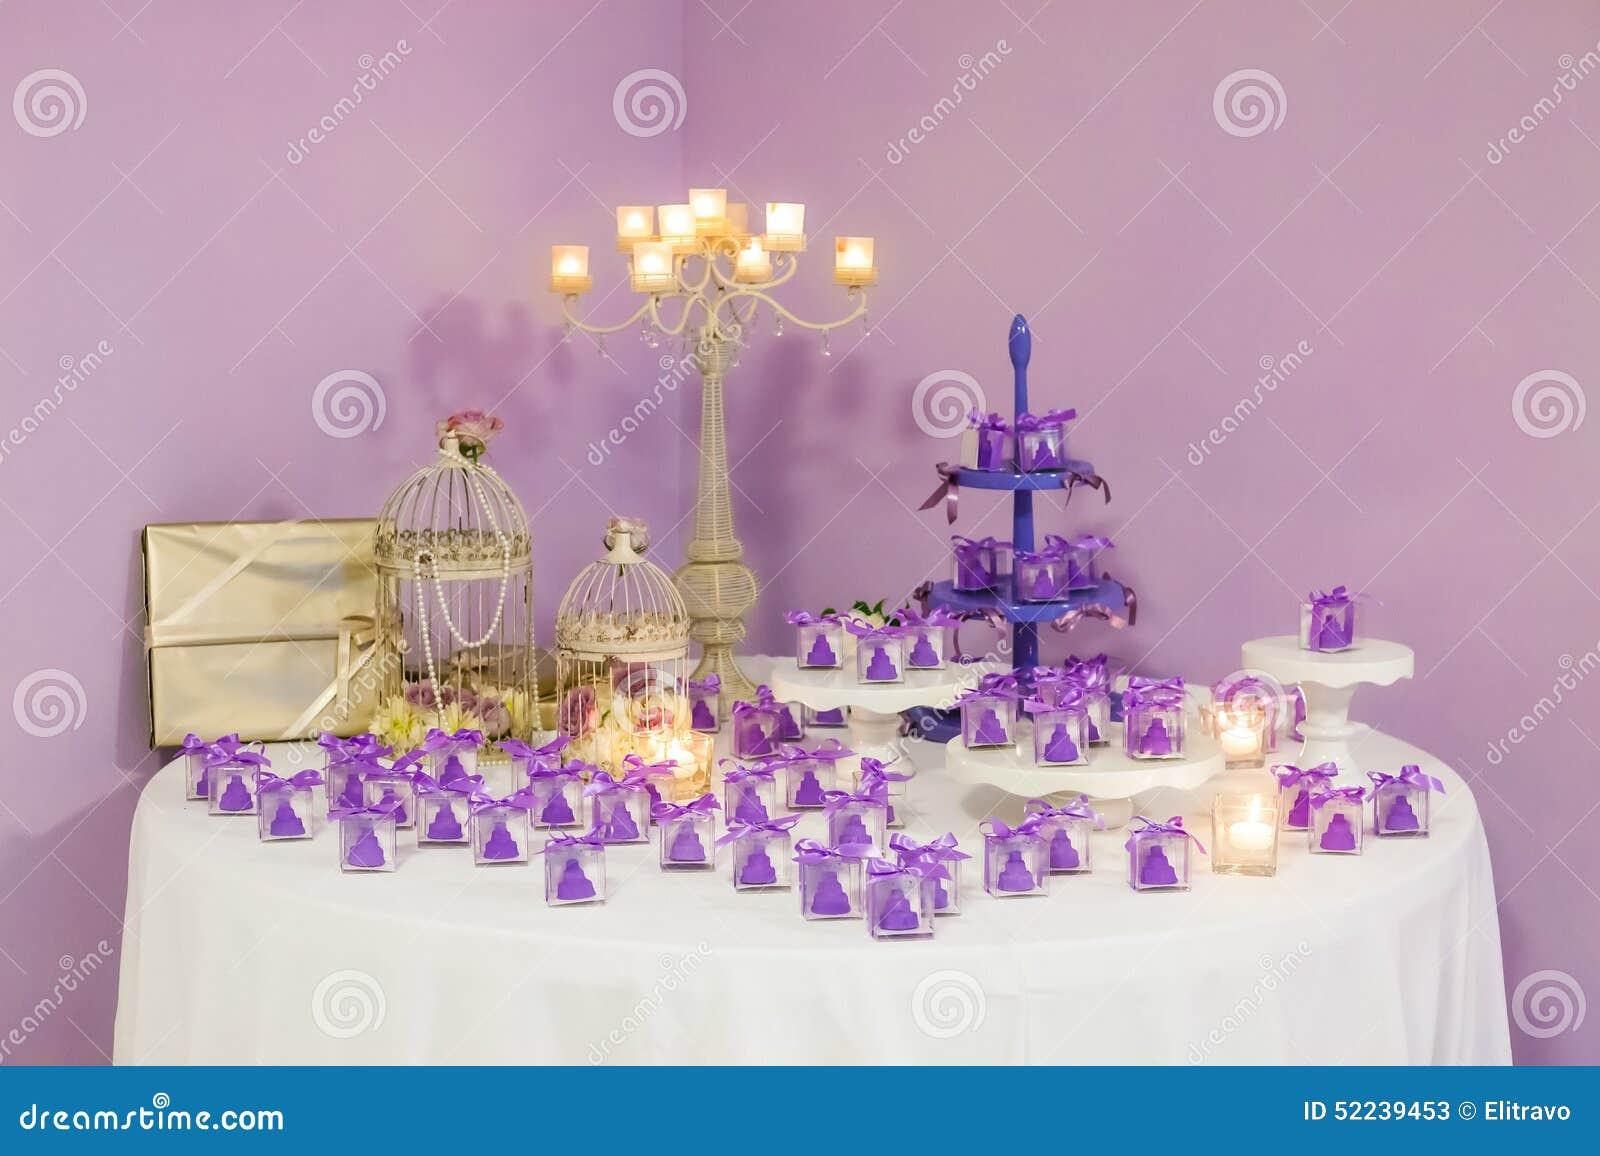 regali di nozze immagini